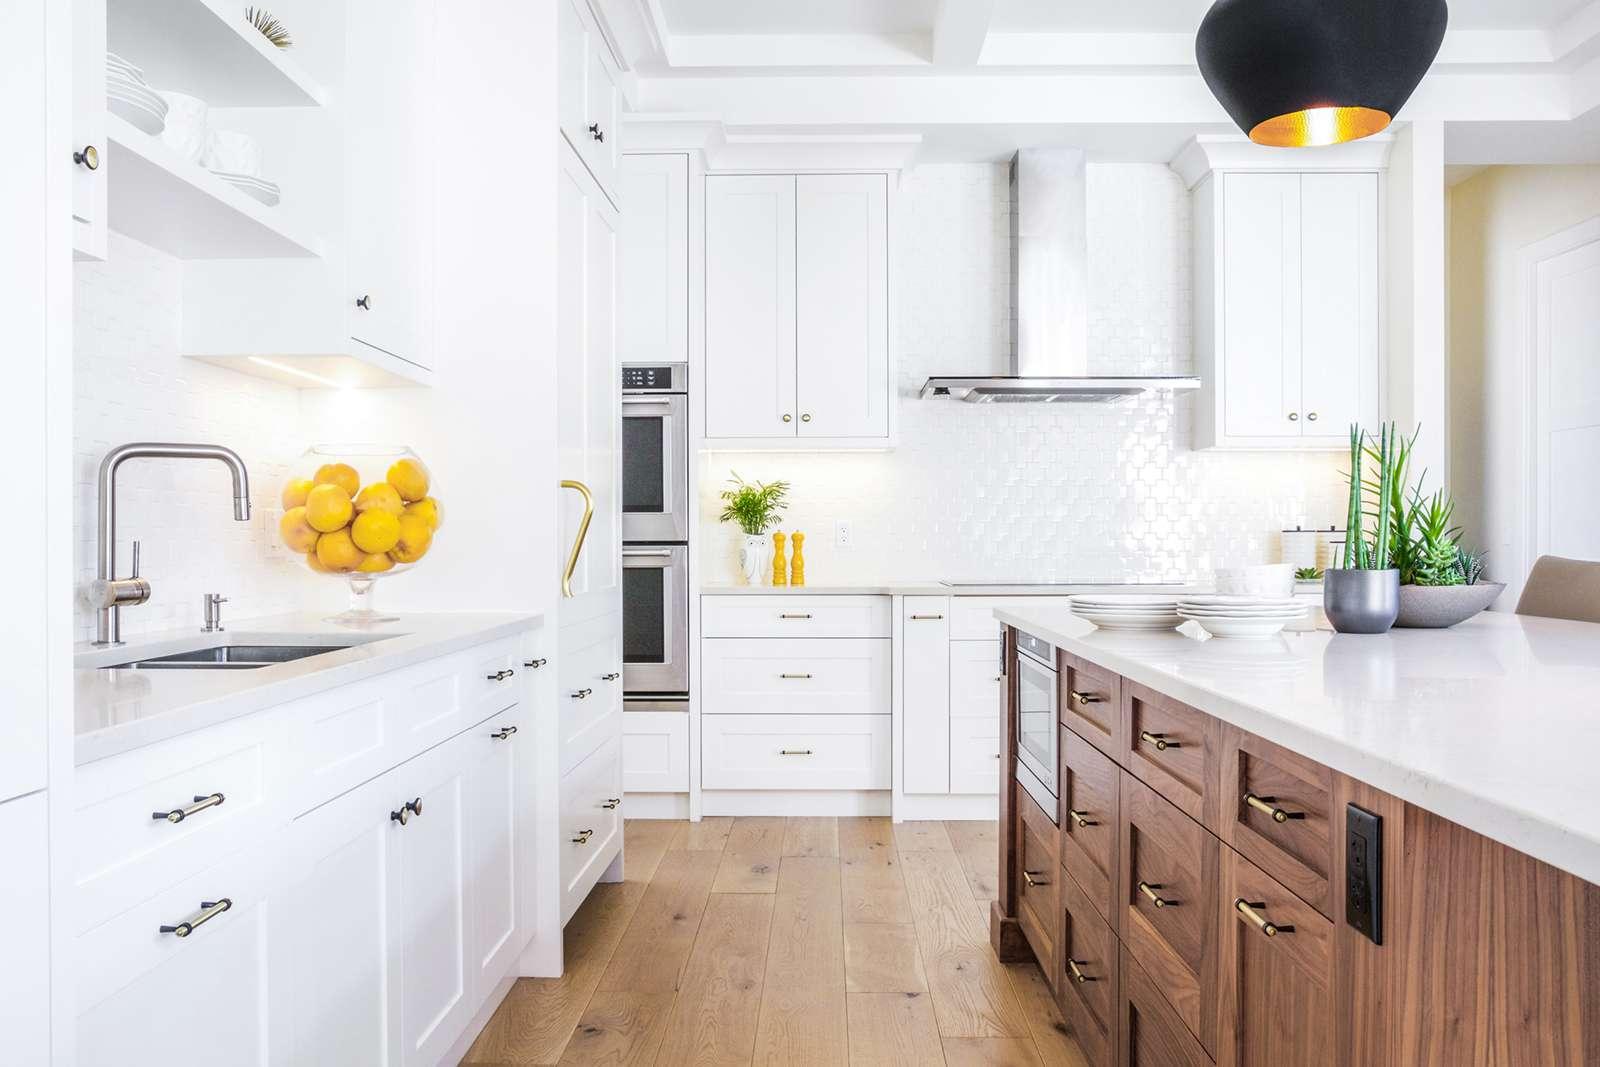 20 Standout Kitchen Cabinet Ideas